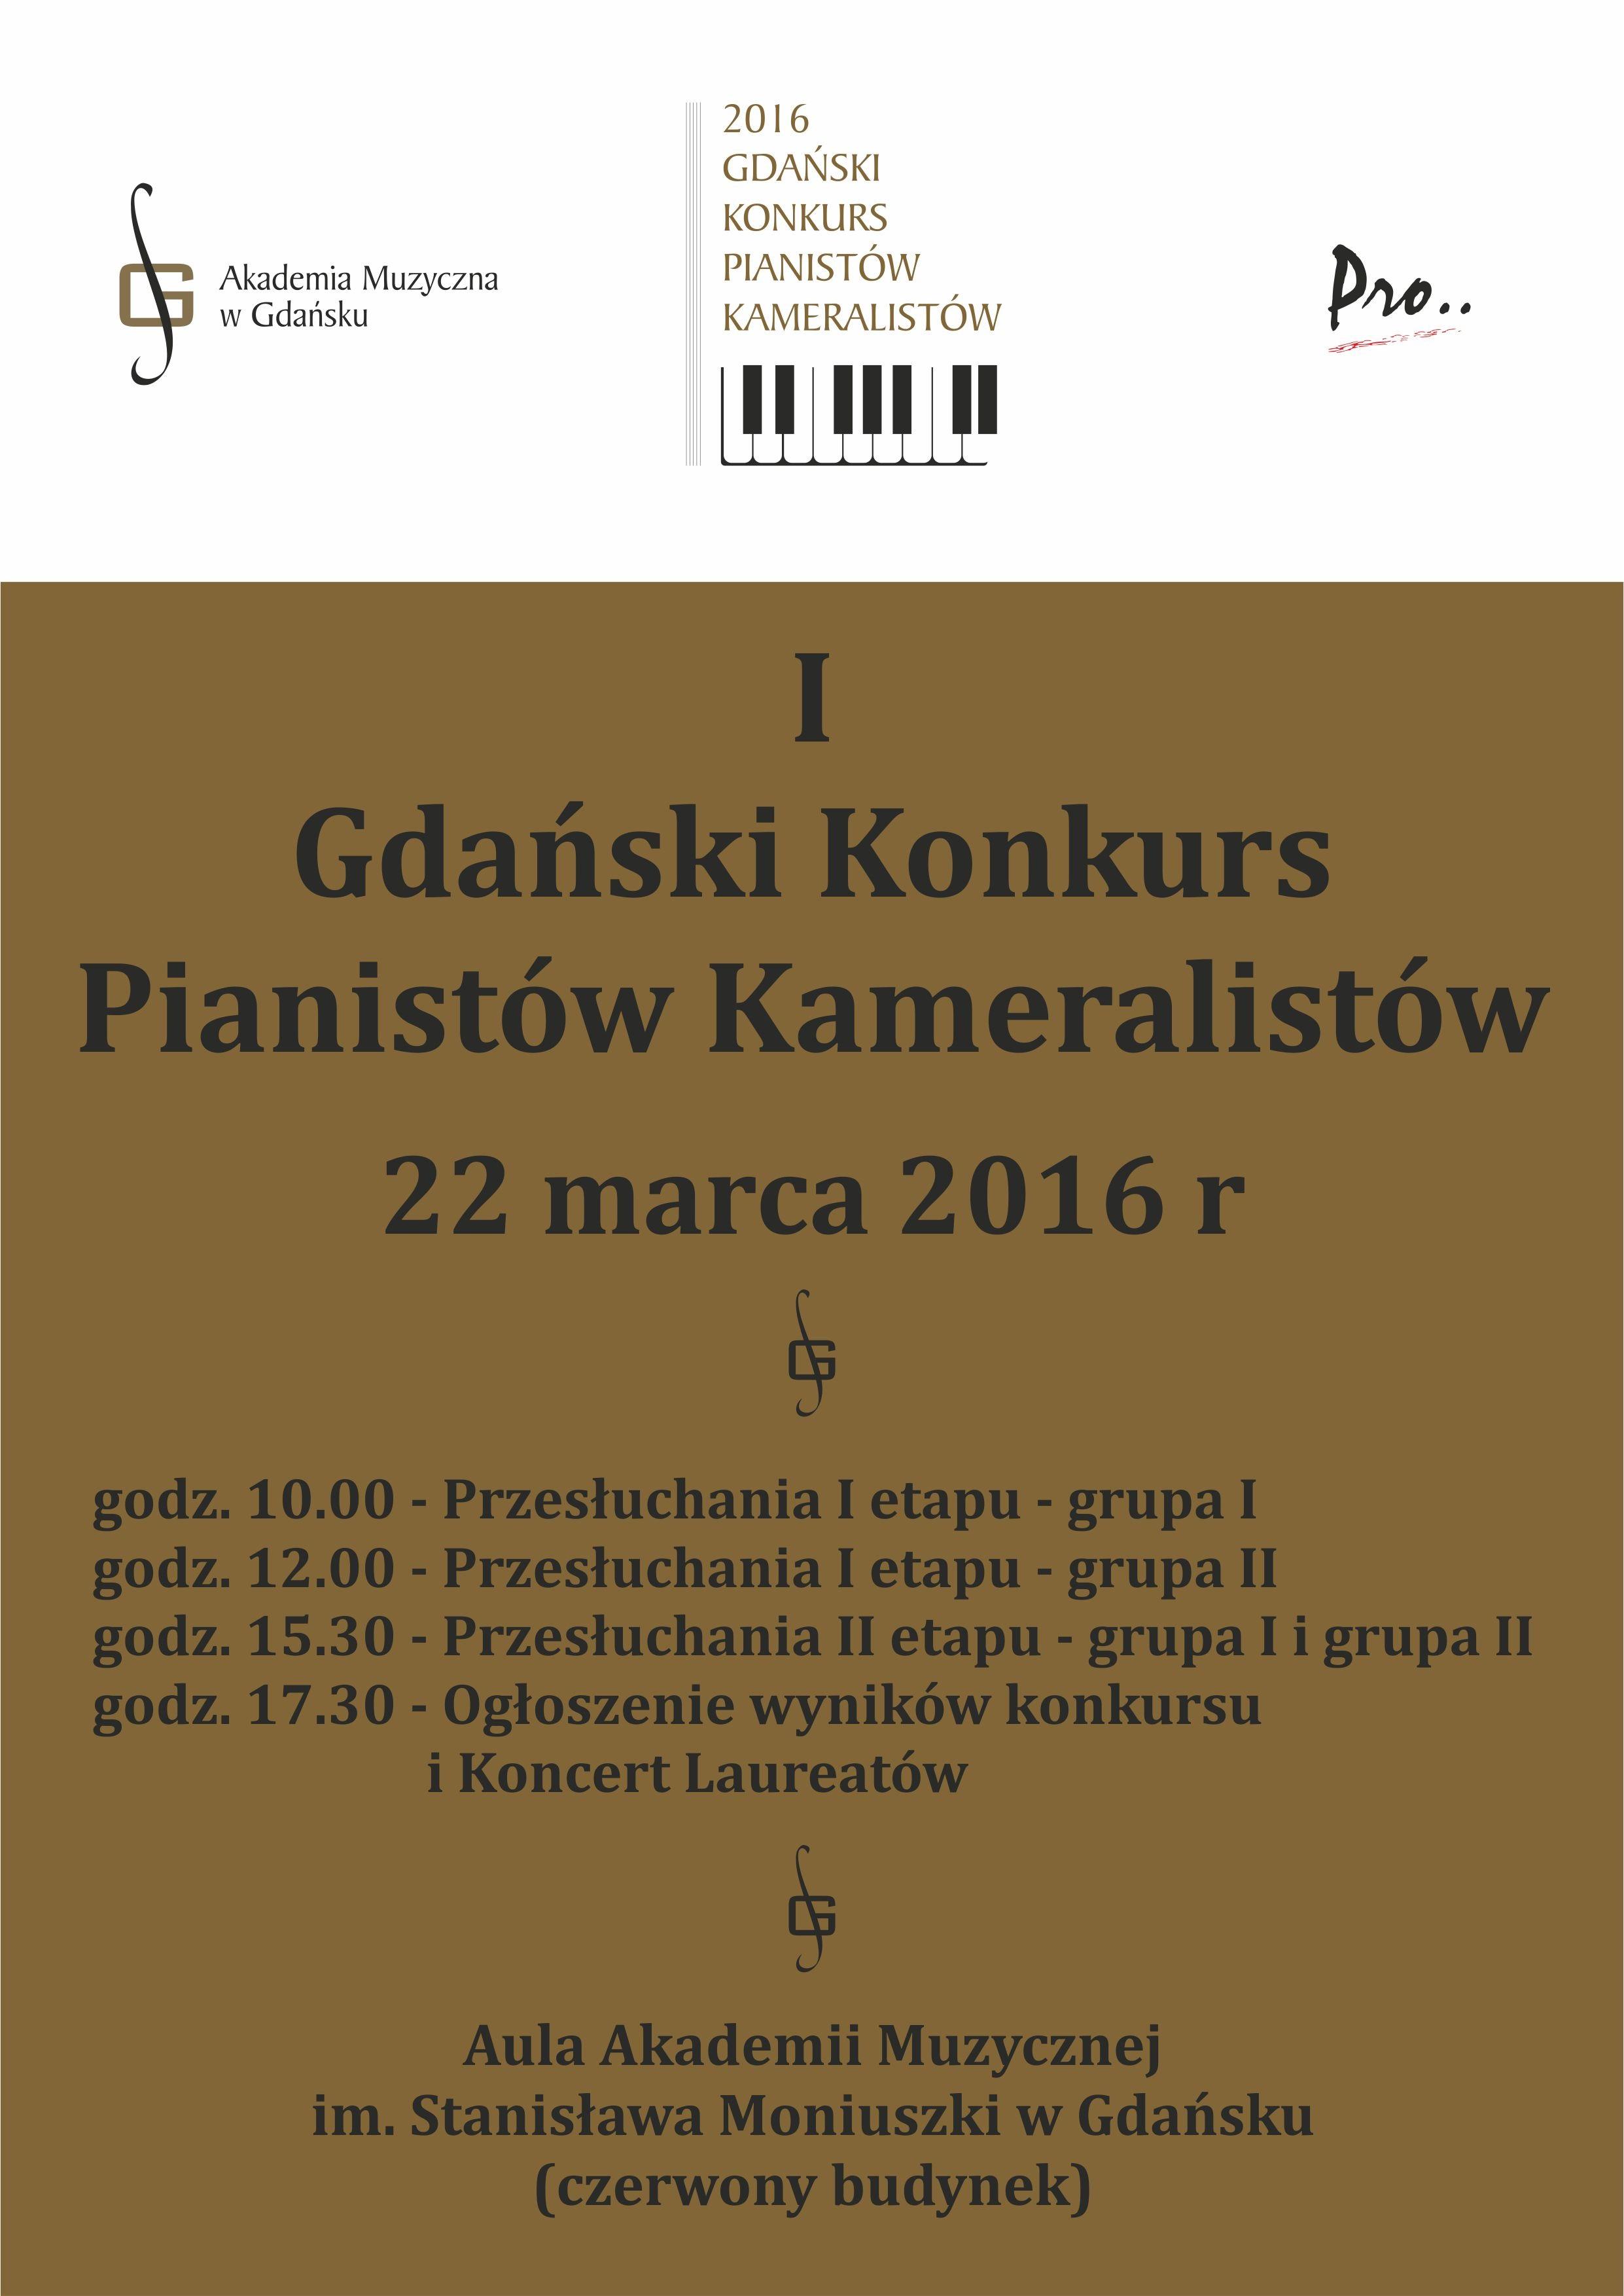 plakat_IGKPK_2016